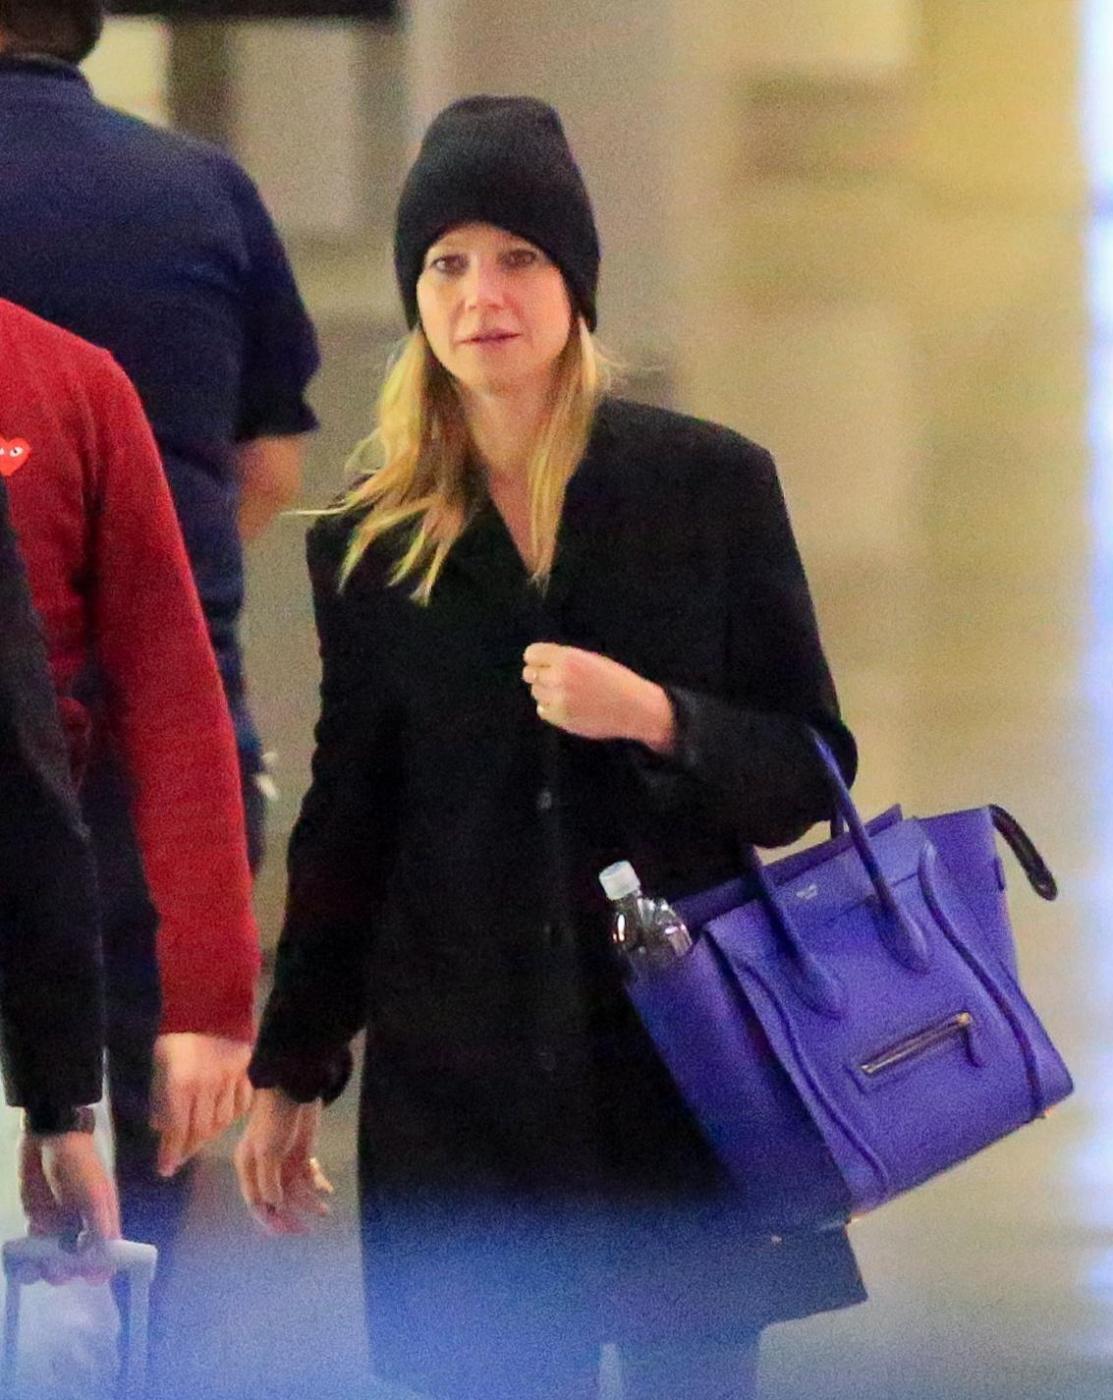 Gwyneth Paltrow senza trucco all'aereoporto1